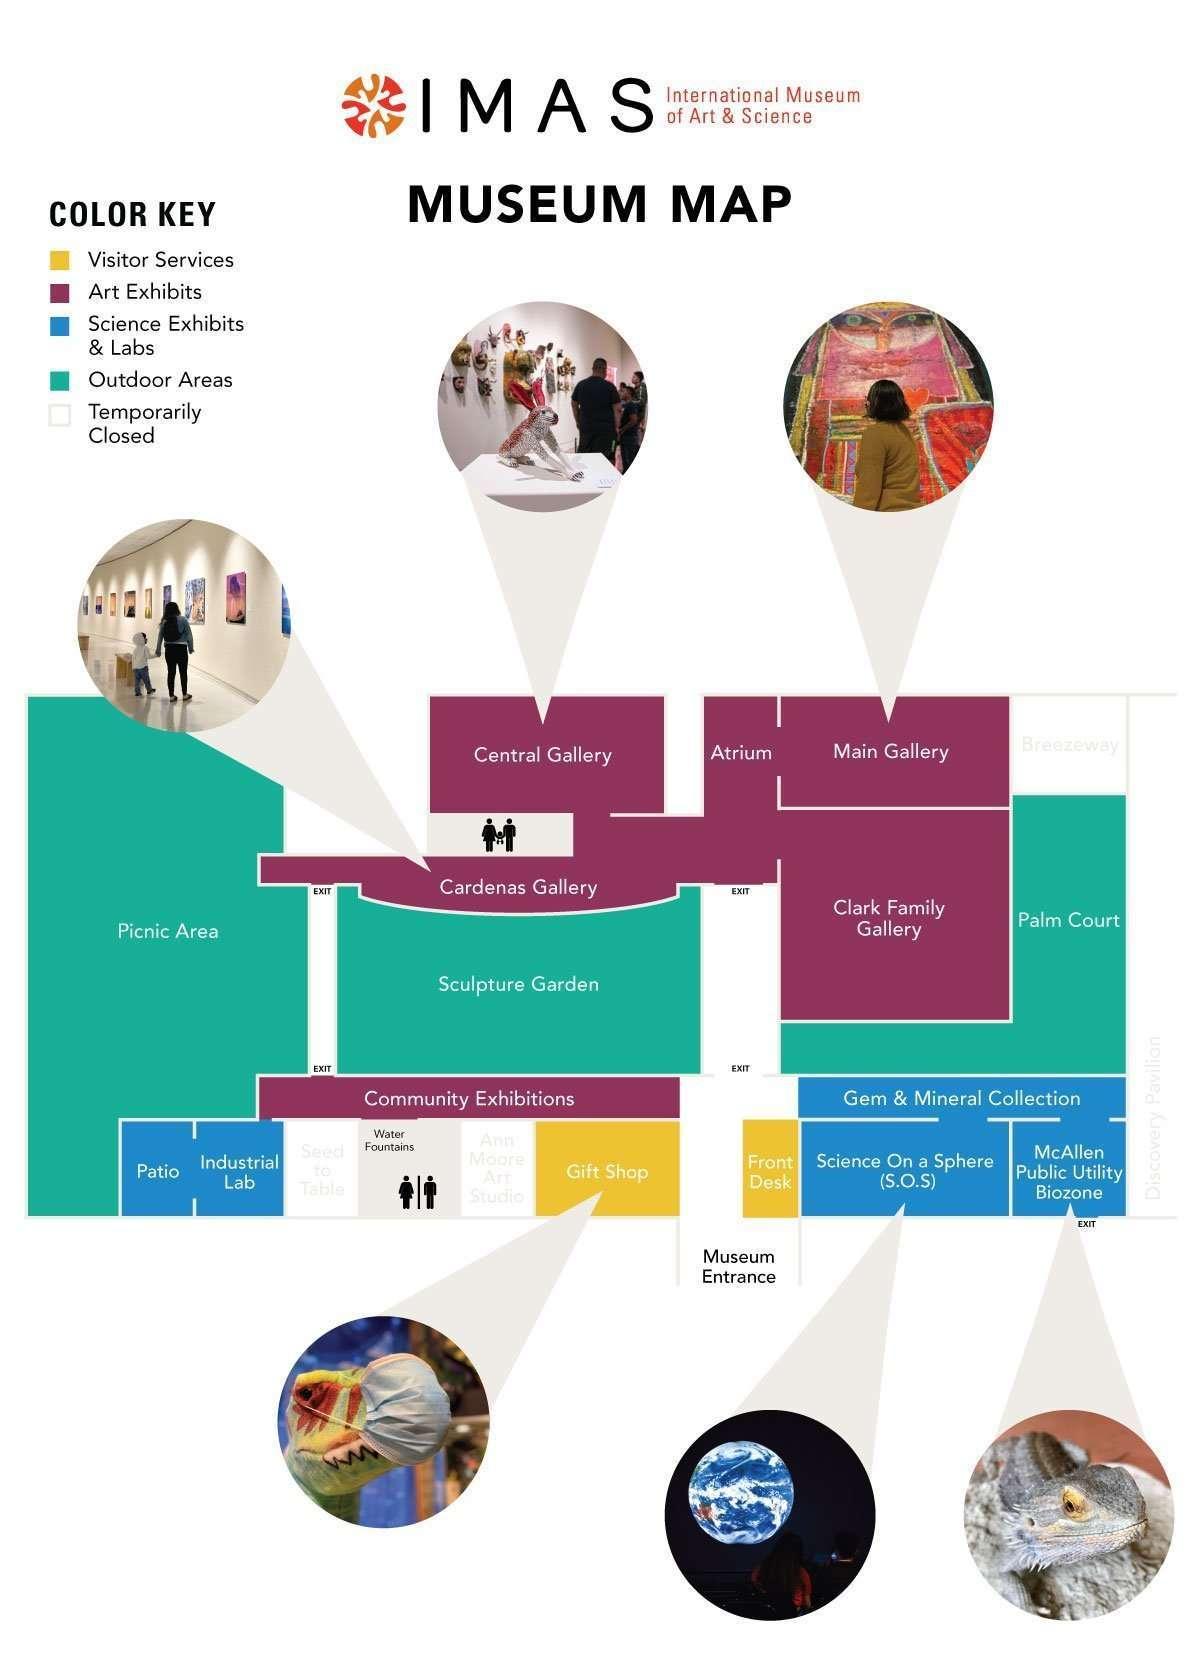 IMAS Museum Map